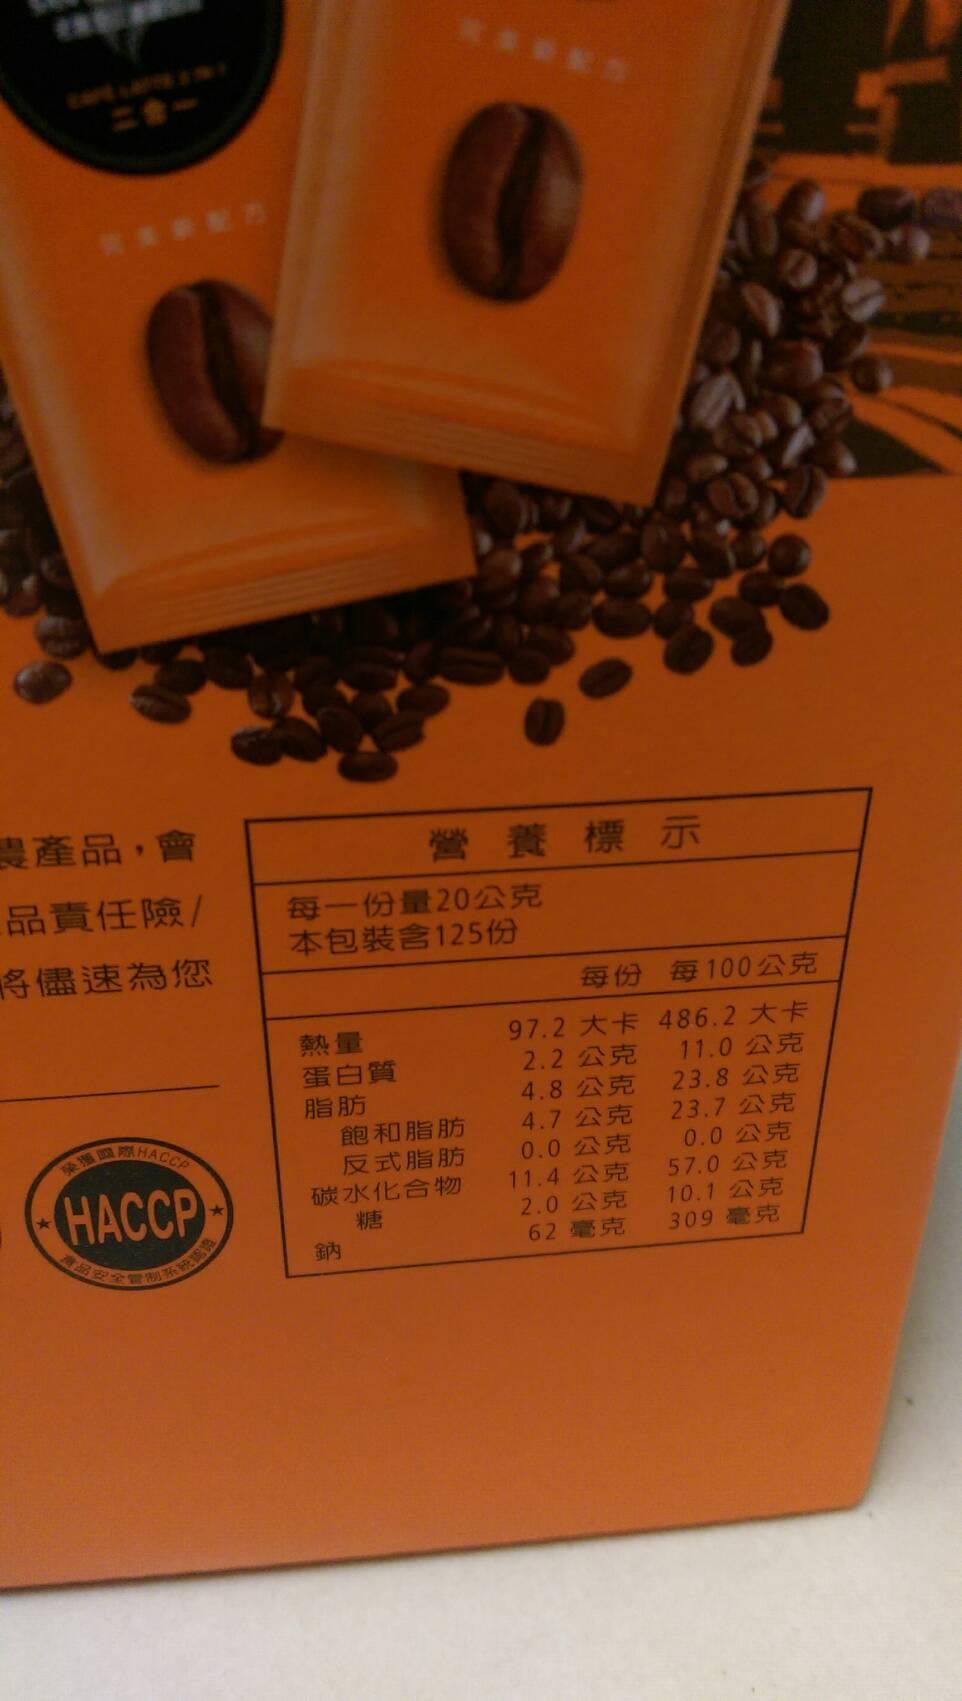 咖啡 老舊金山拿鐵咖啡 無糖 二合一   超取限2 拿鐵 上班族 無糖咖啡 飲料 熬夜 4